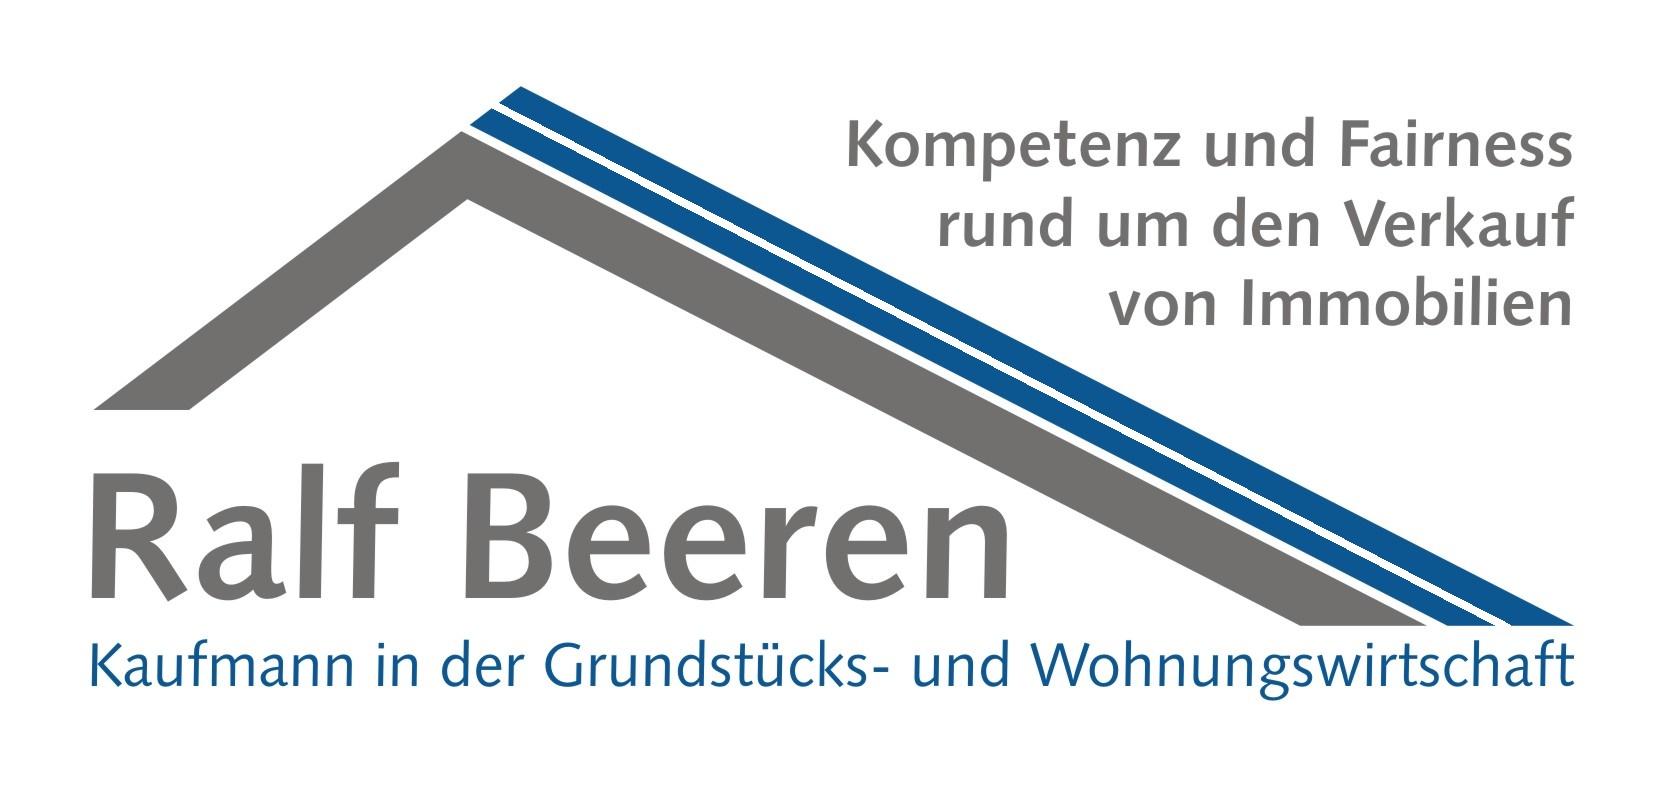 Hier sehen Sie das Logo von Immoexpert und Netzwerkpartner